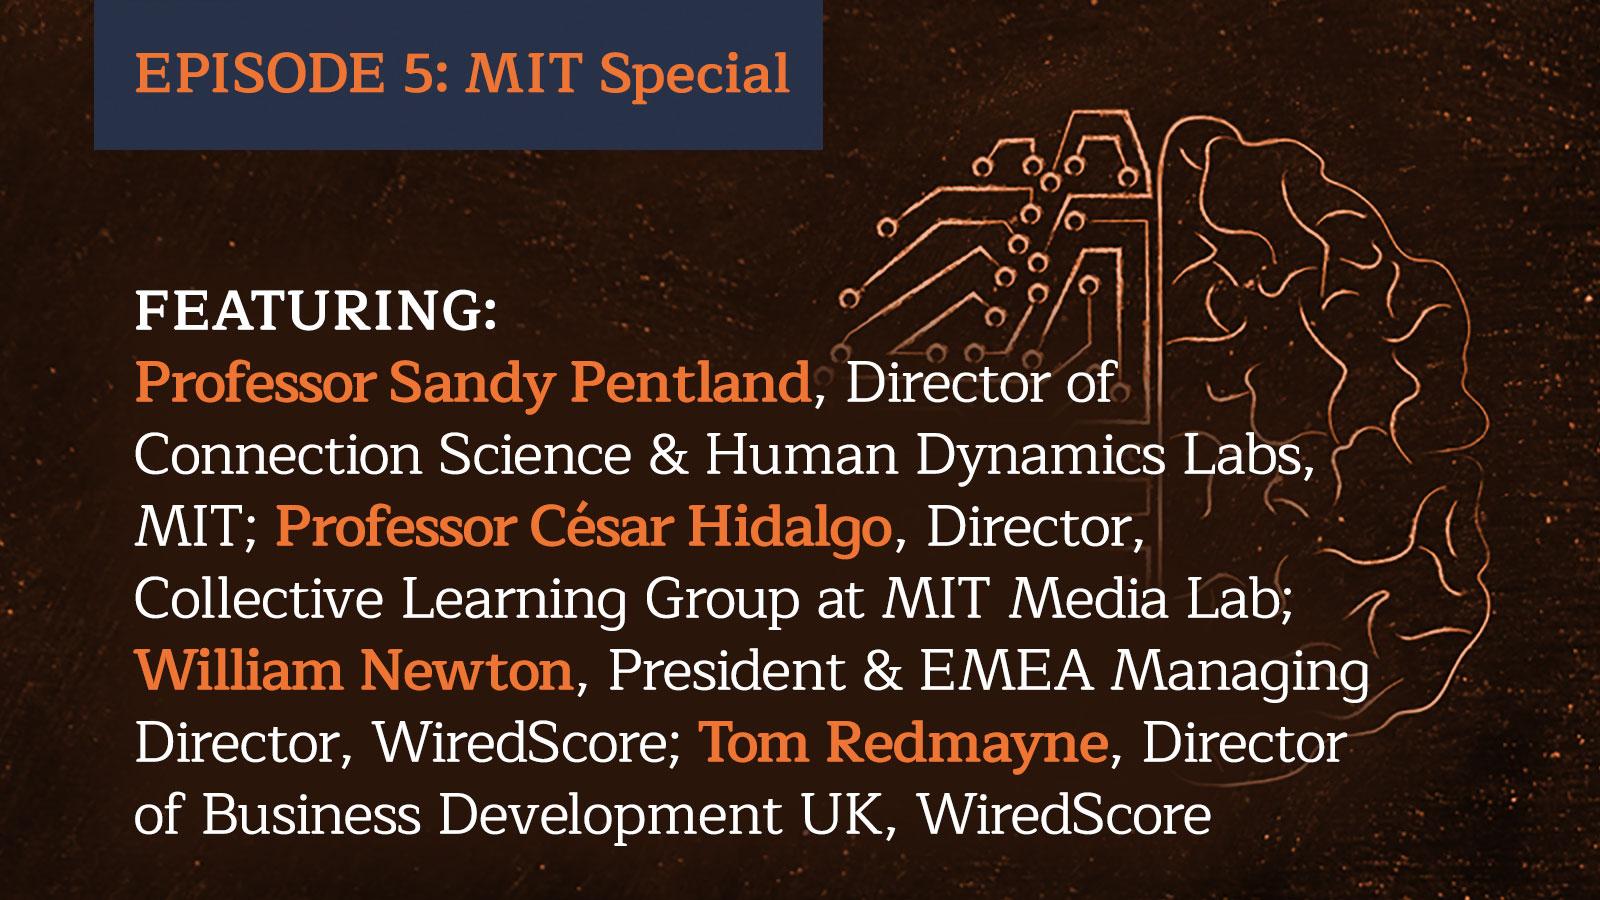 MIT Special